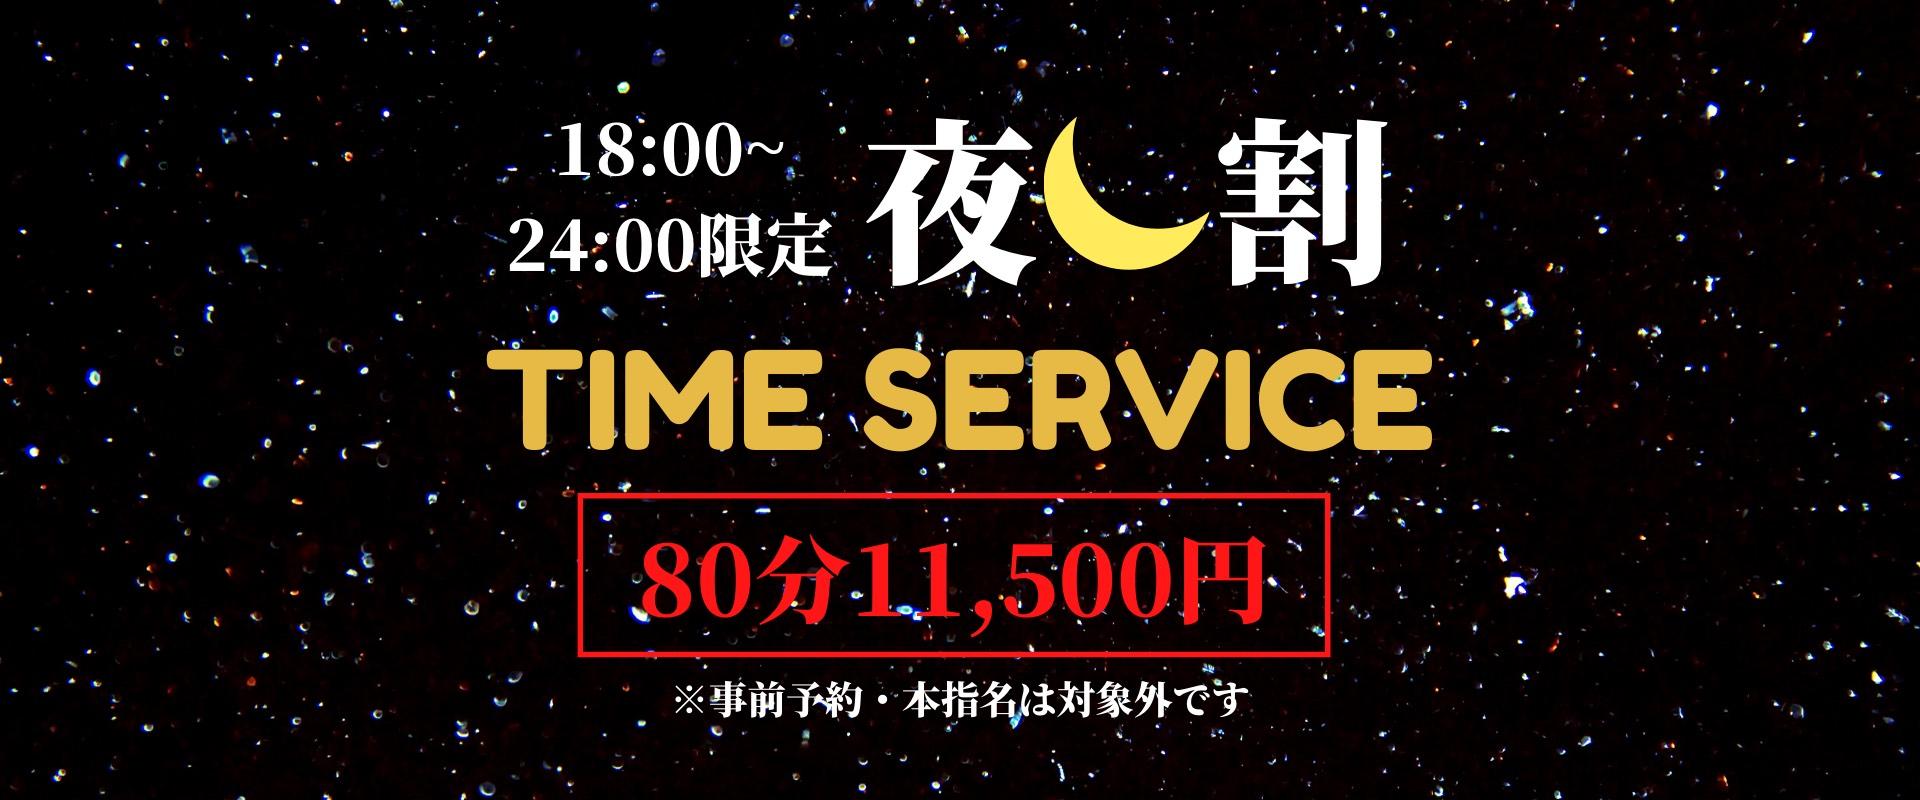 18:00~24:00迄の入室で80分11500円